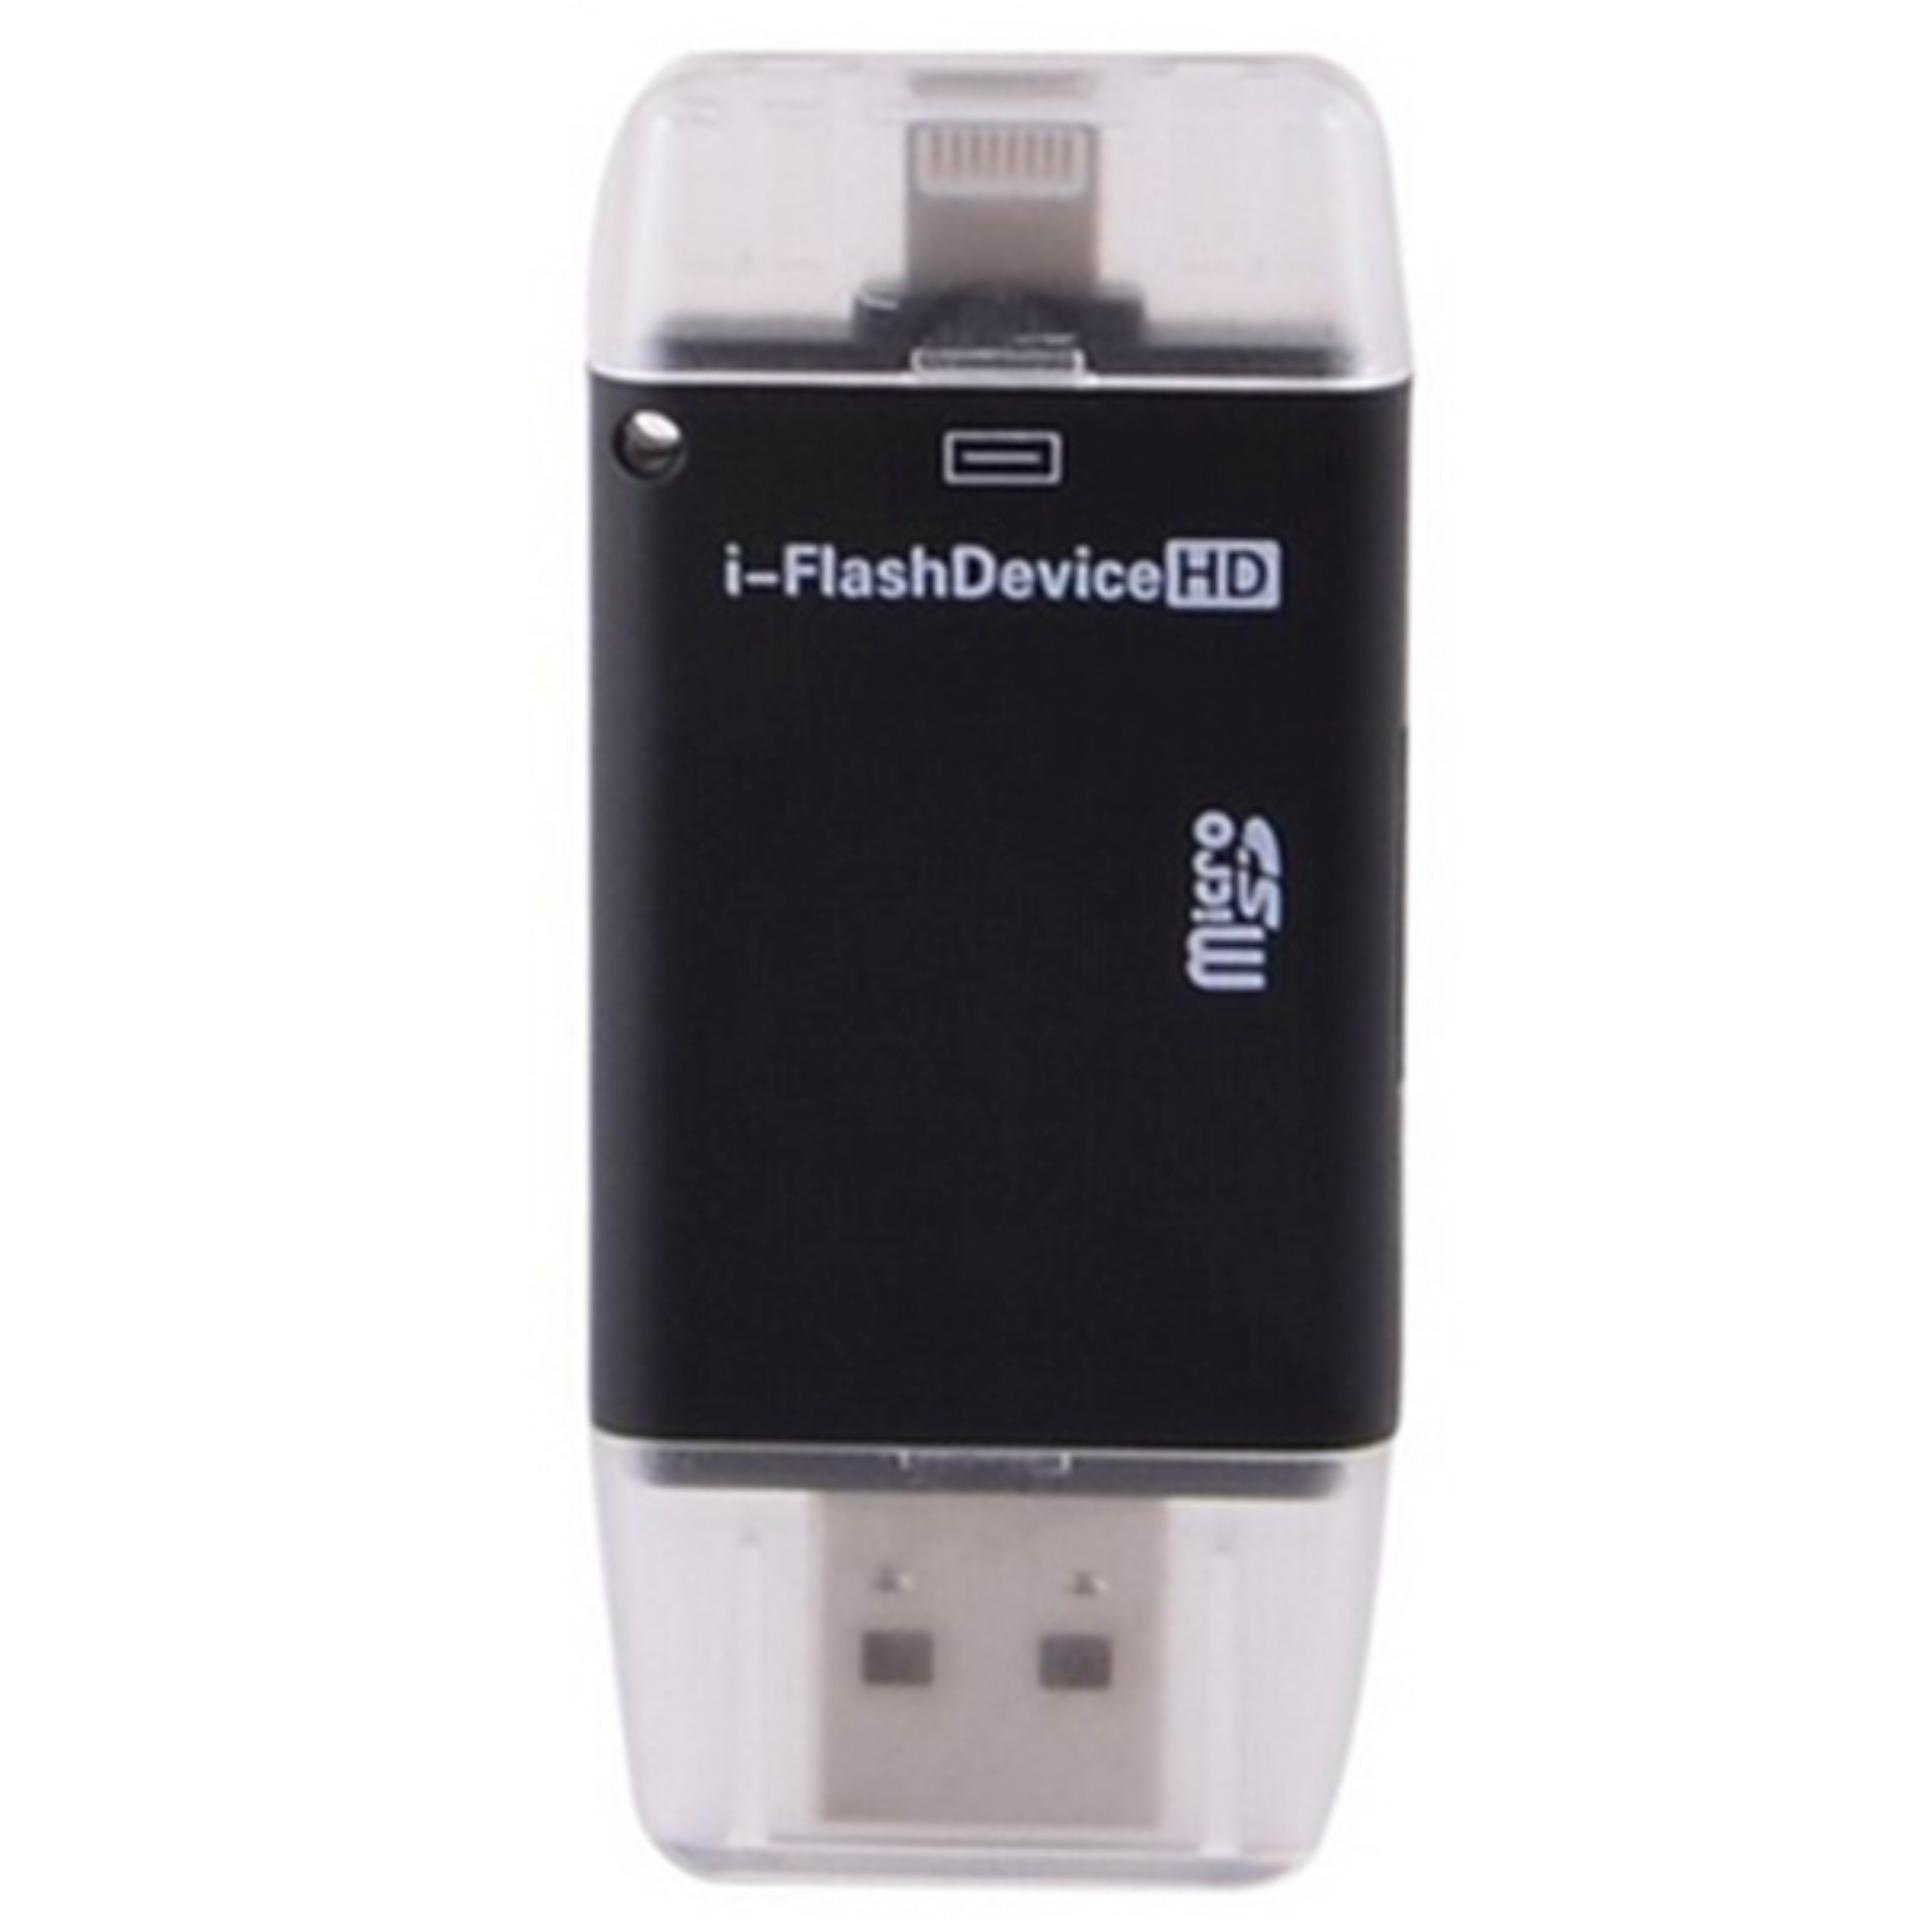 Cek Harga Baru 4 In 1 Lightning Memory Card Reader External Storage Apple Garansi Usb Kabel Data Iphone 6 Plus5 S I Flashdrive Otg For Ipad Bulan